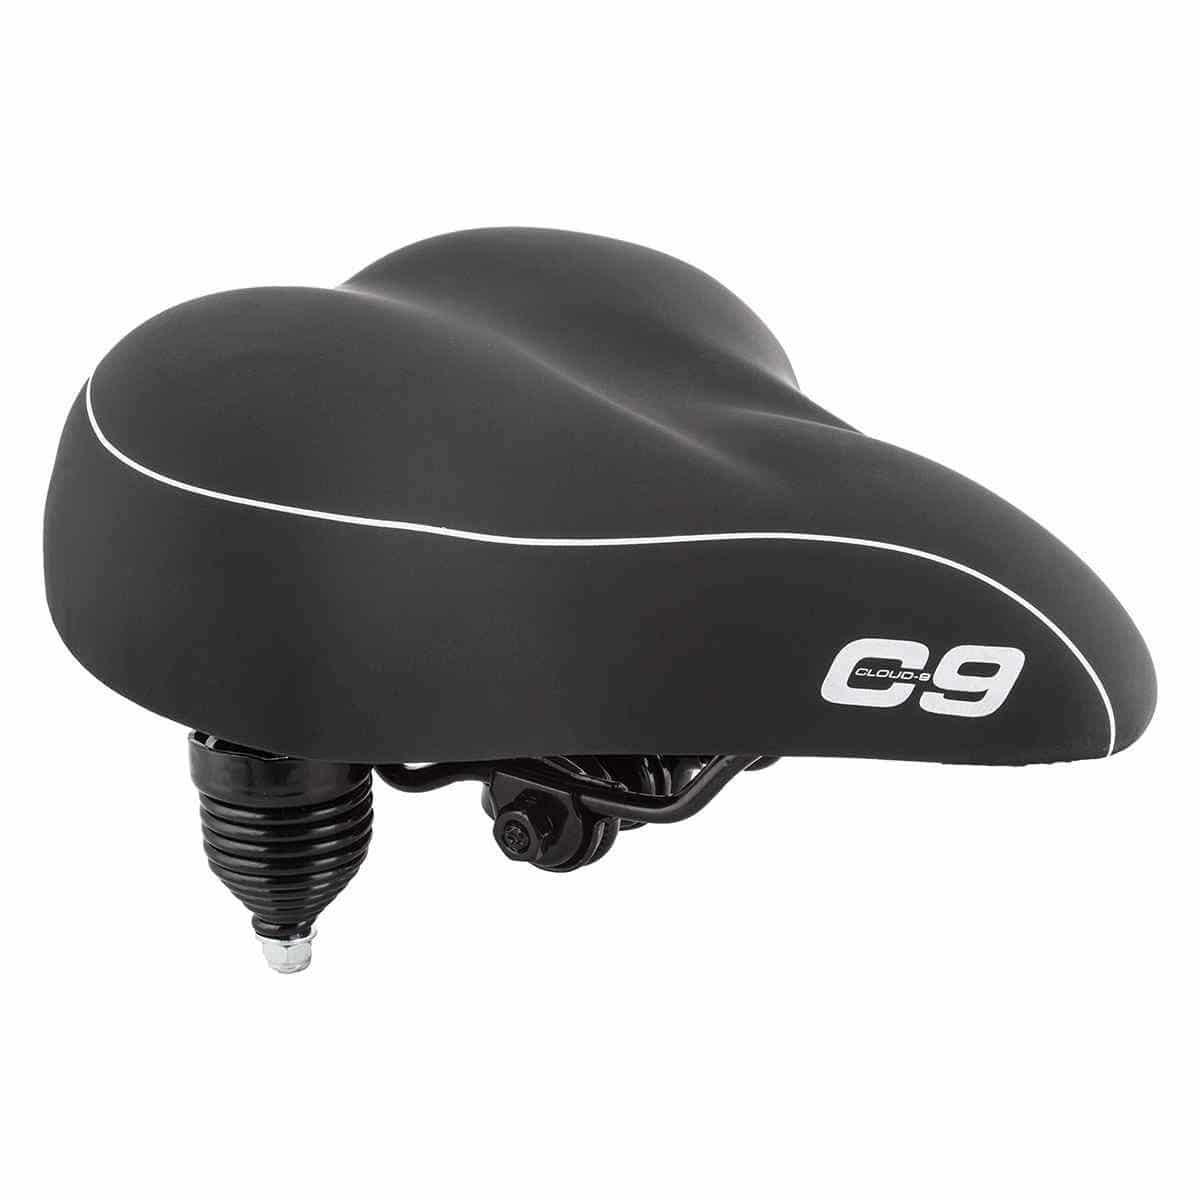 Sunlite Cloud-9 Gel Seat Cover